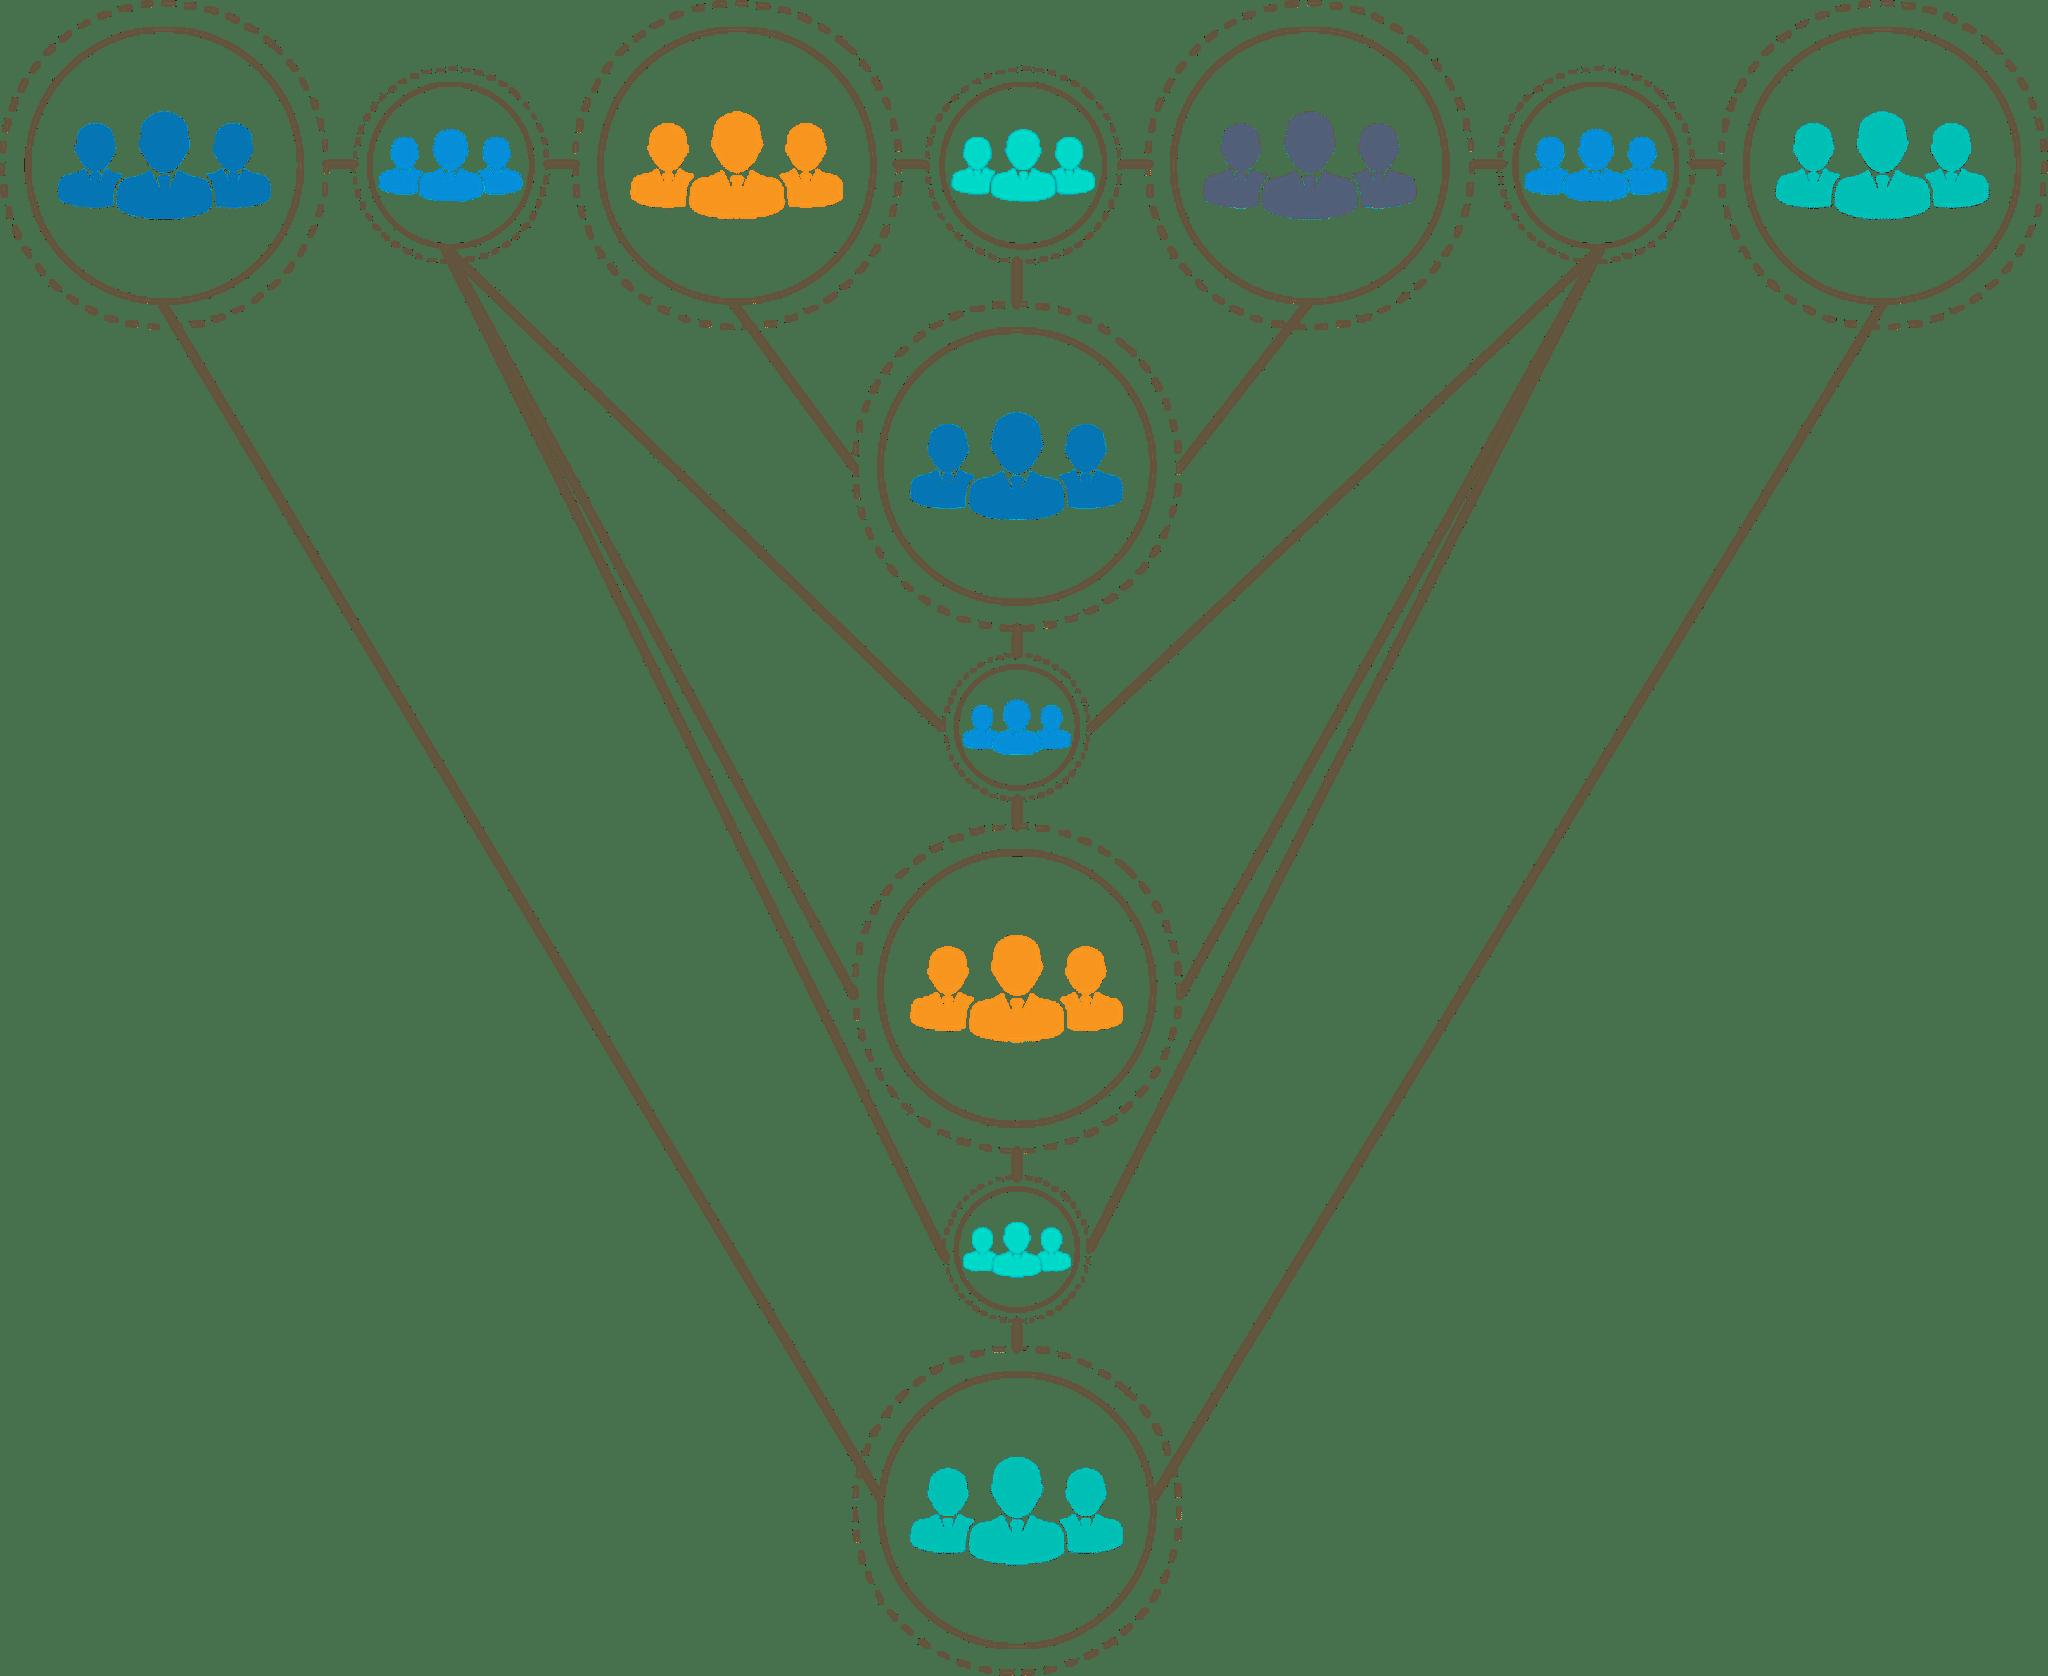 跨团队协调 - 学习微服务的十大理由 - Edureka